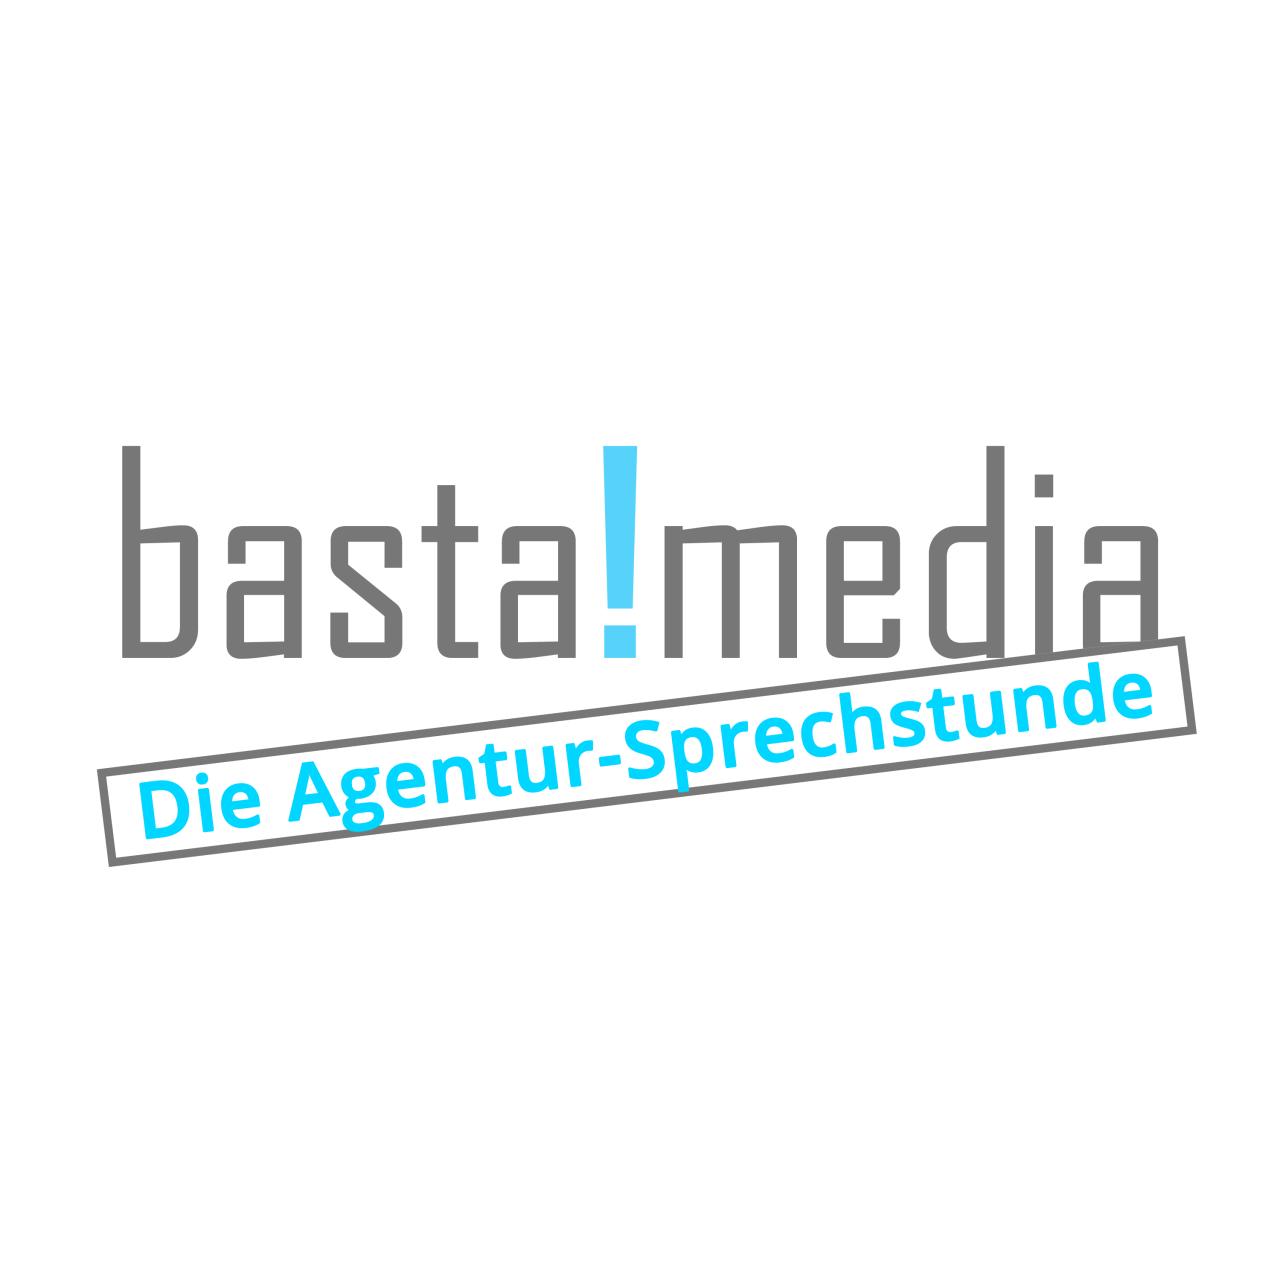 Podcast: basta!media  - Die Agentur-Sprechstunde